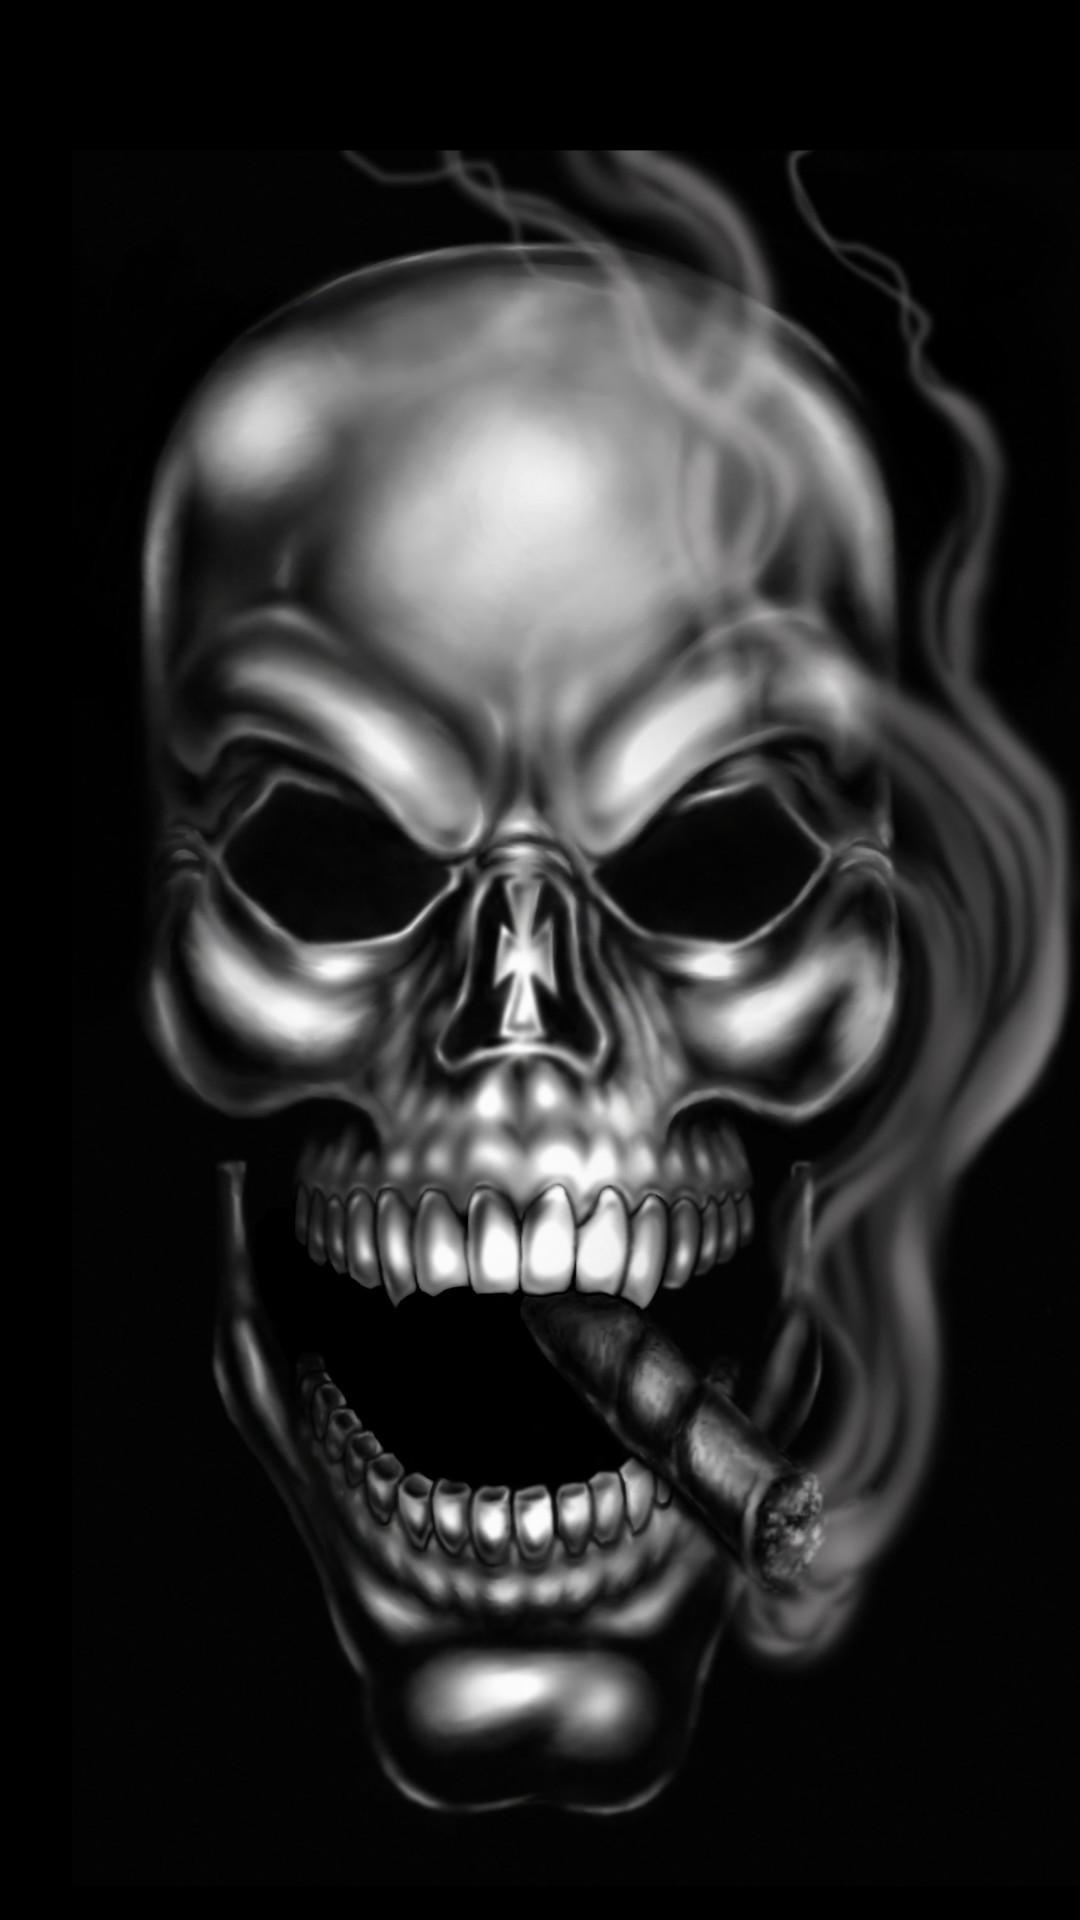 Dark skull wallpaper wallpapertag - Skeleton wallpaper ...